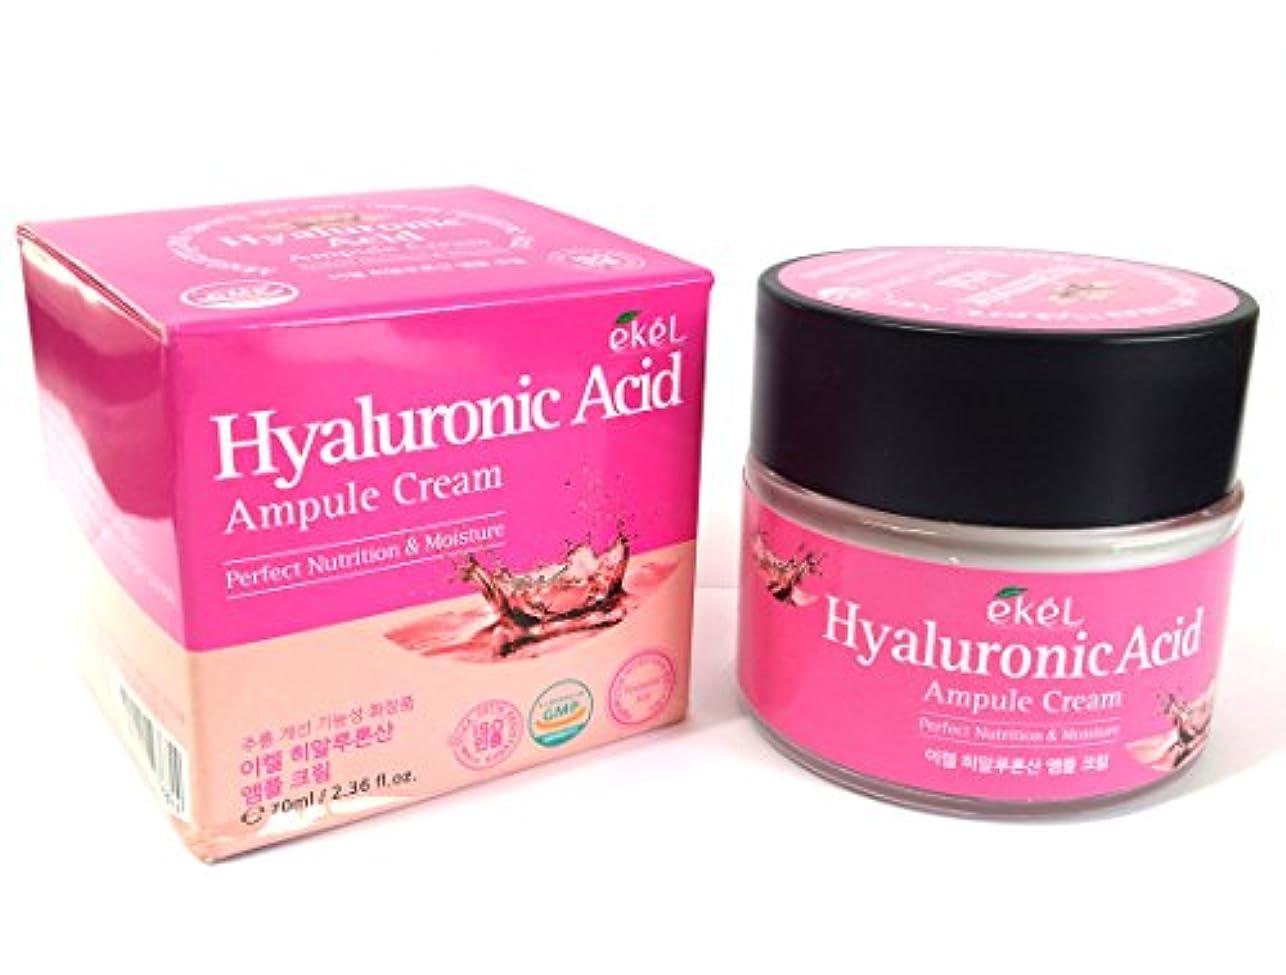 おいしい高価な分泌する[EKEL] ヒアルロン酸アンプルクリーム70ml / 完璧な栄養と水分 / 韓国化粧品/ Hyaluronic Acid Ampule Cream 70ml / Perfect Nutrition & Moisture...